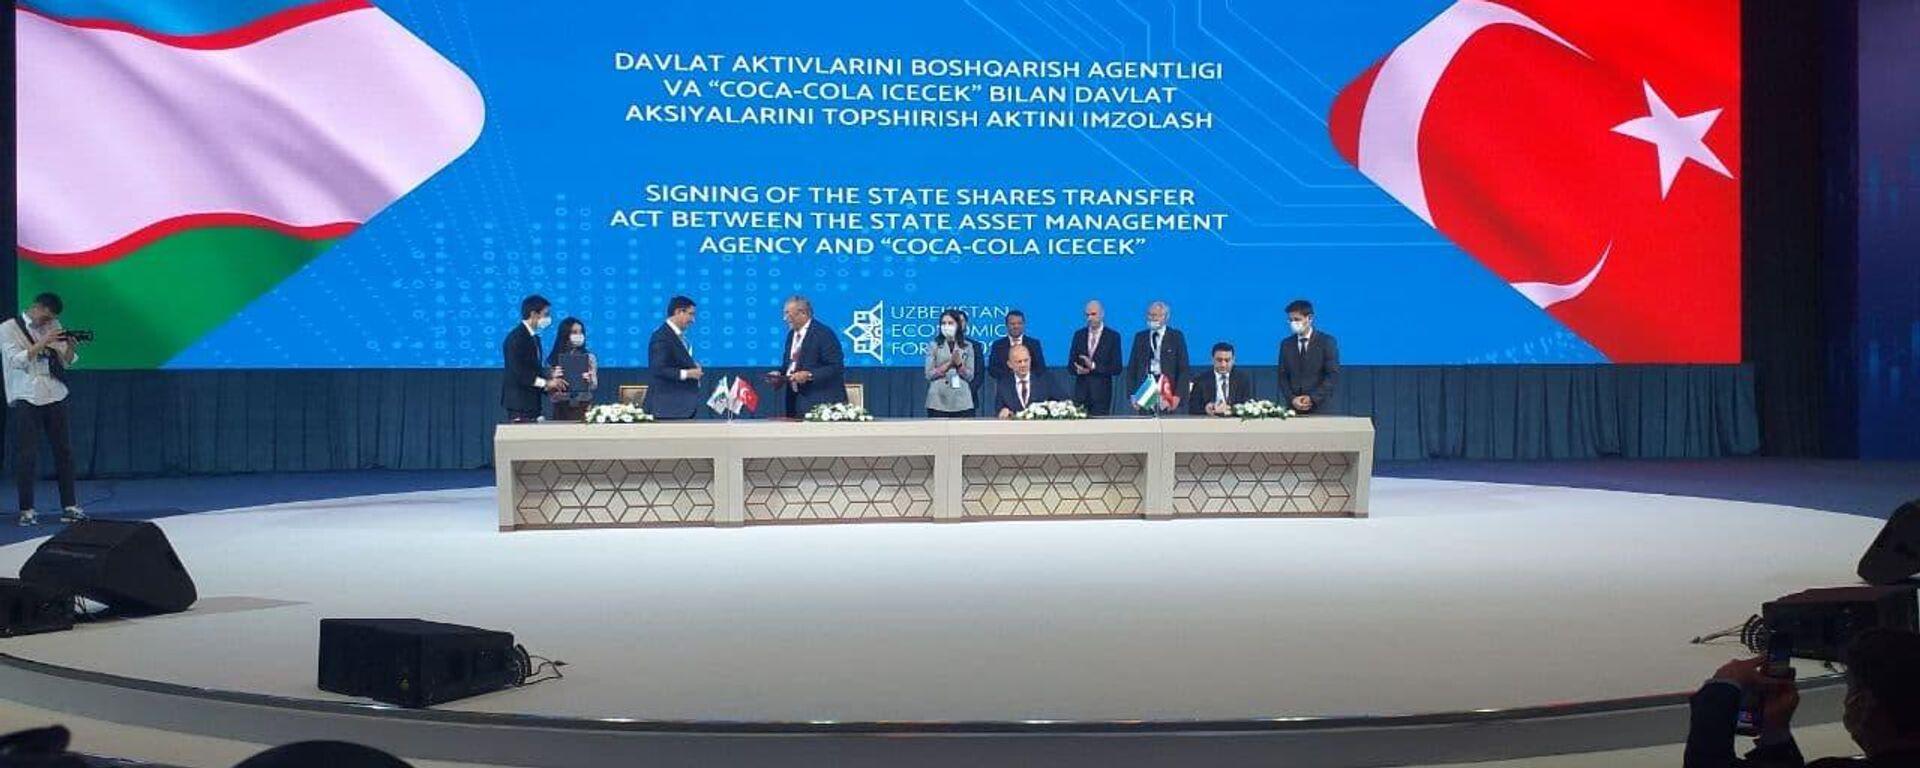 Tashkentskiy Ekonomicheskiy forum -2021 - Sputnik Oʻzbekiston, 1920, 29.09.2021